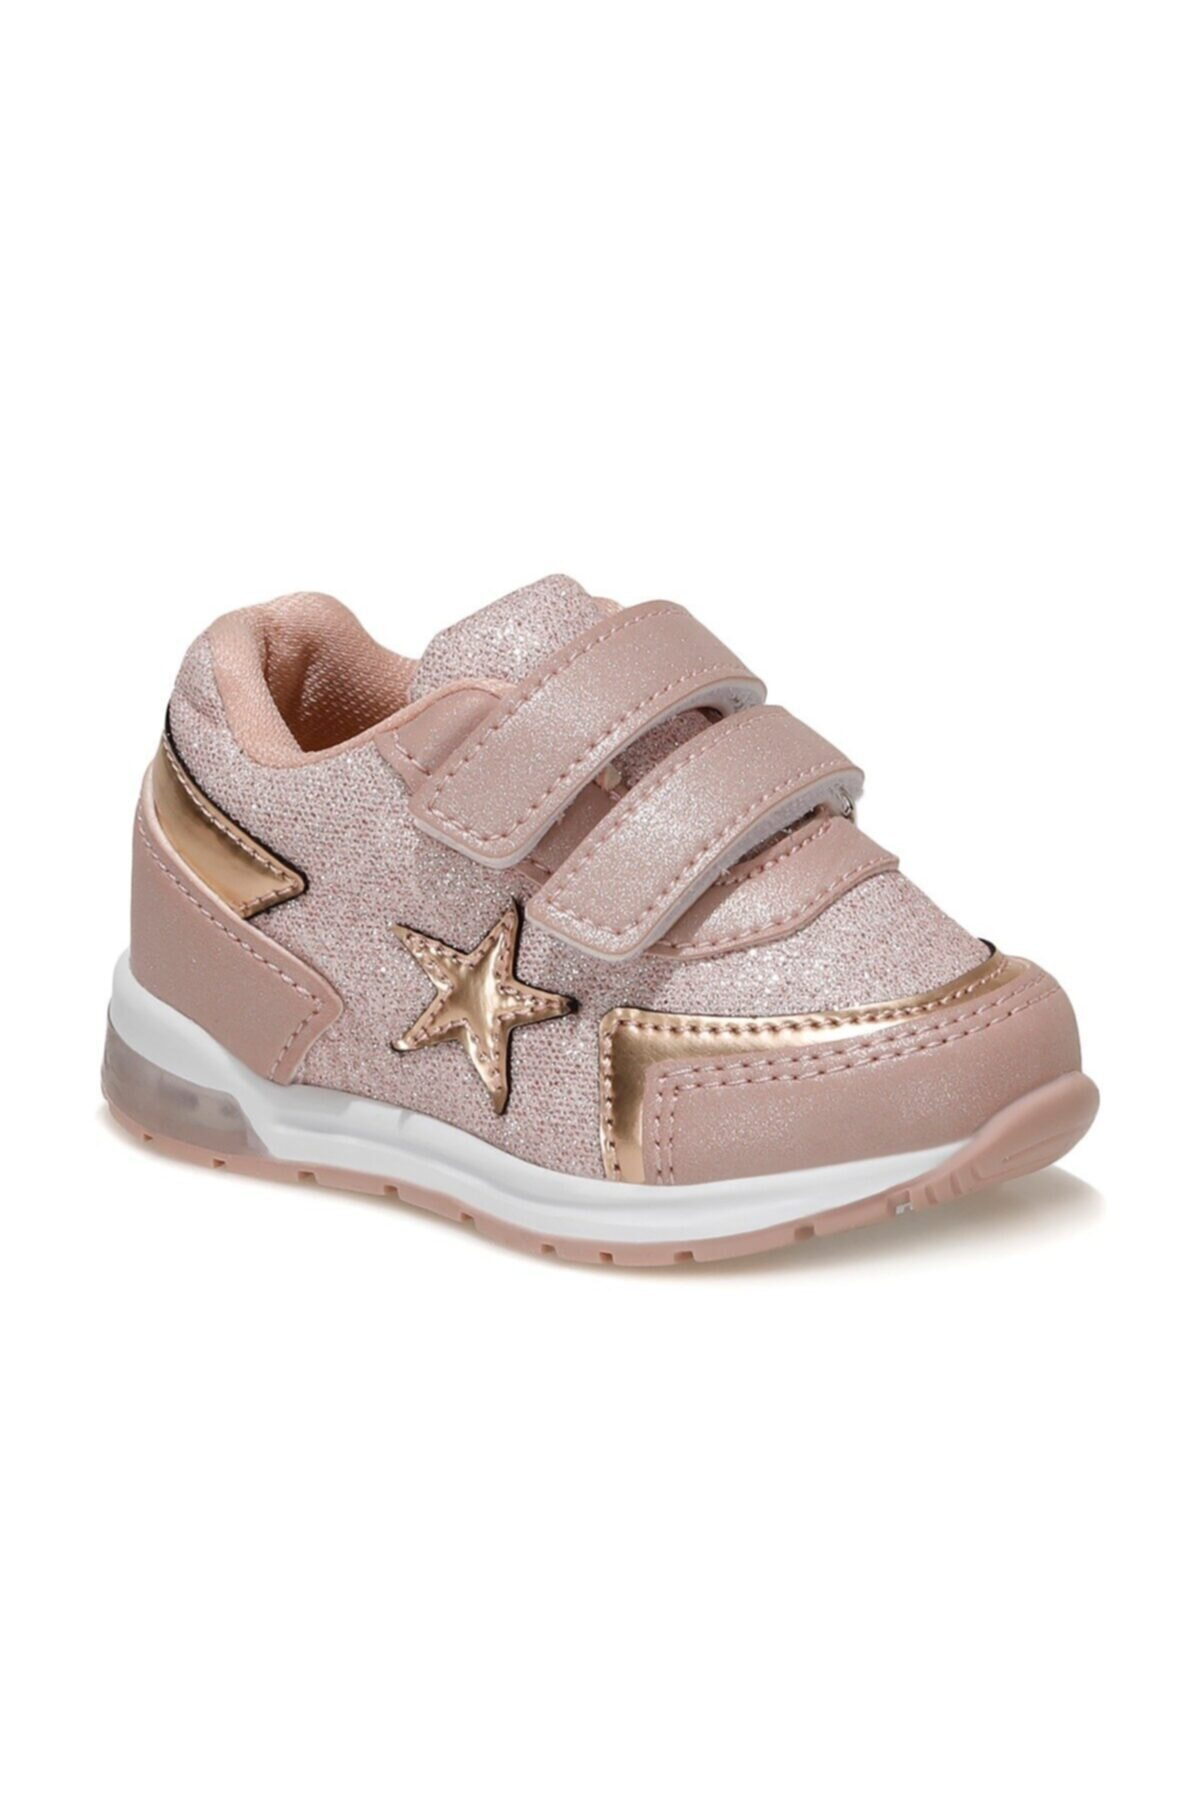 STAR 1FX Pudra Kız Çocuk Spor Ayakkabı 100696291